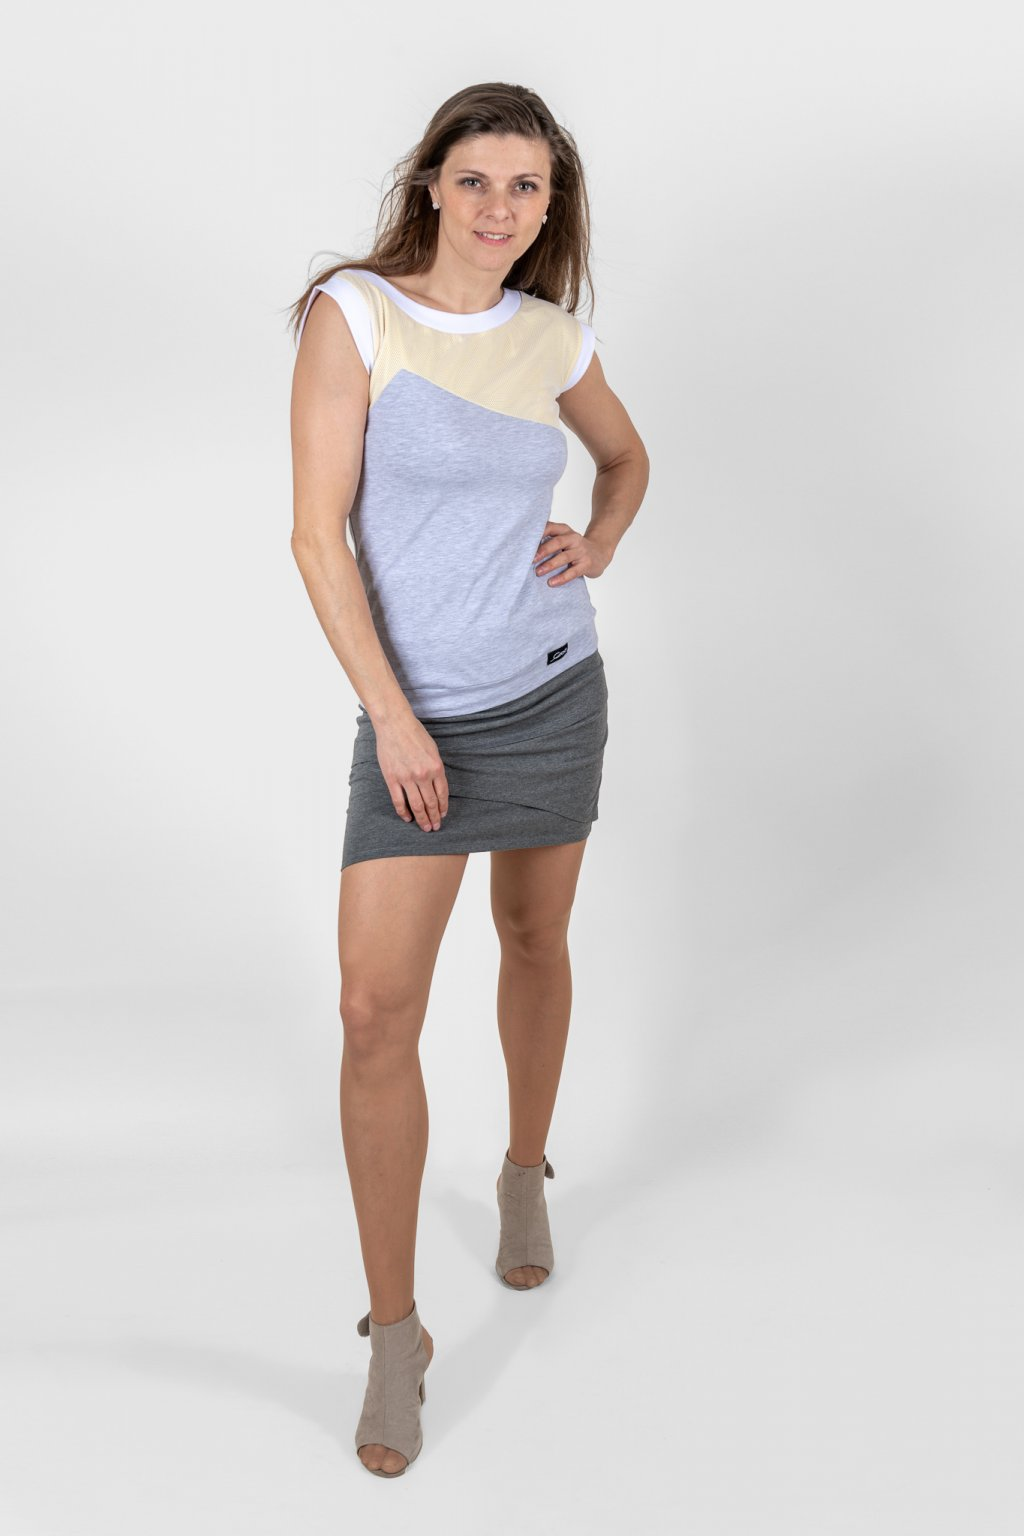 Dámské triko Vendy grey šedo žluté asymetrické z bavlny Goci